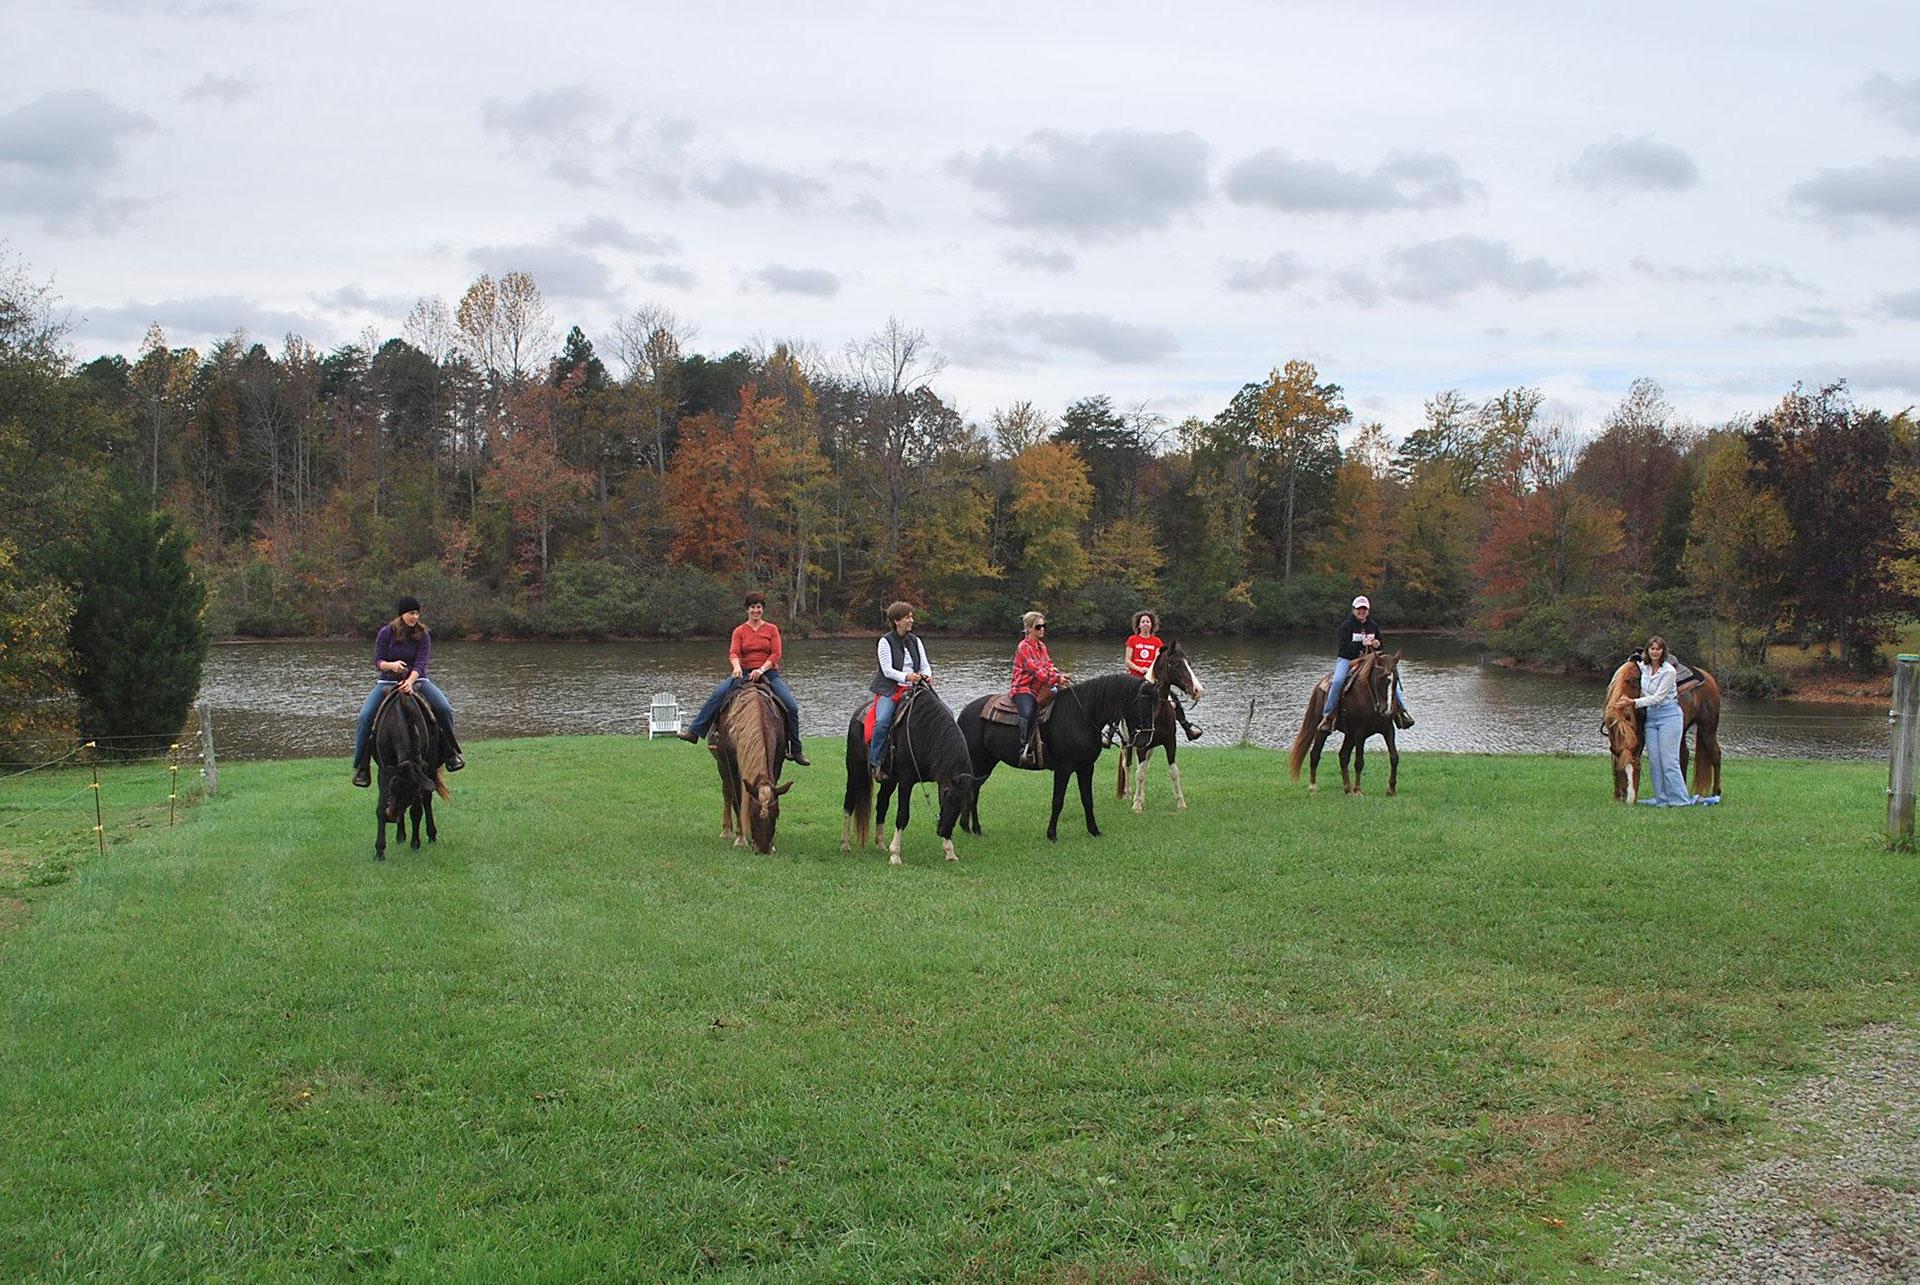 Horseback riding at Shangrila Guest Ranch